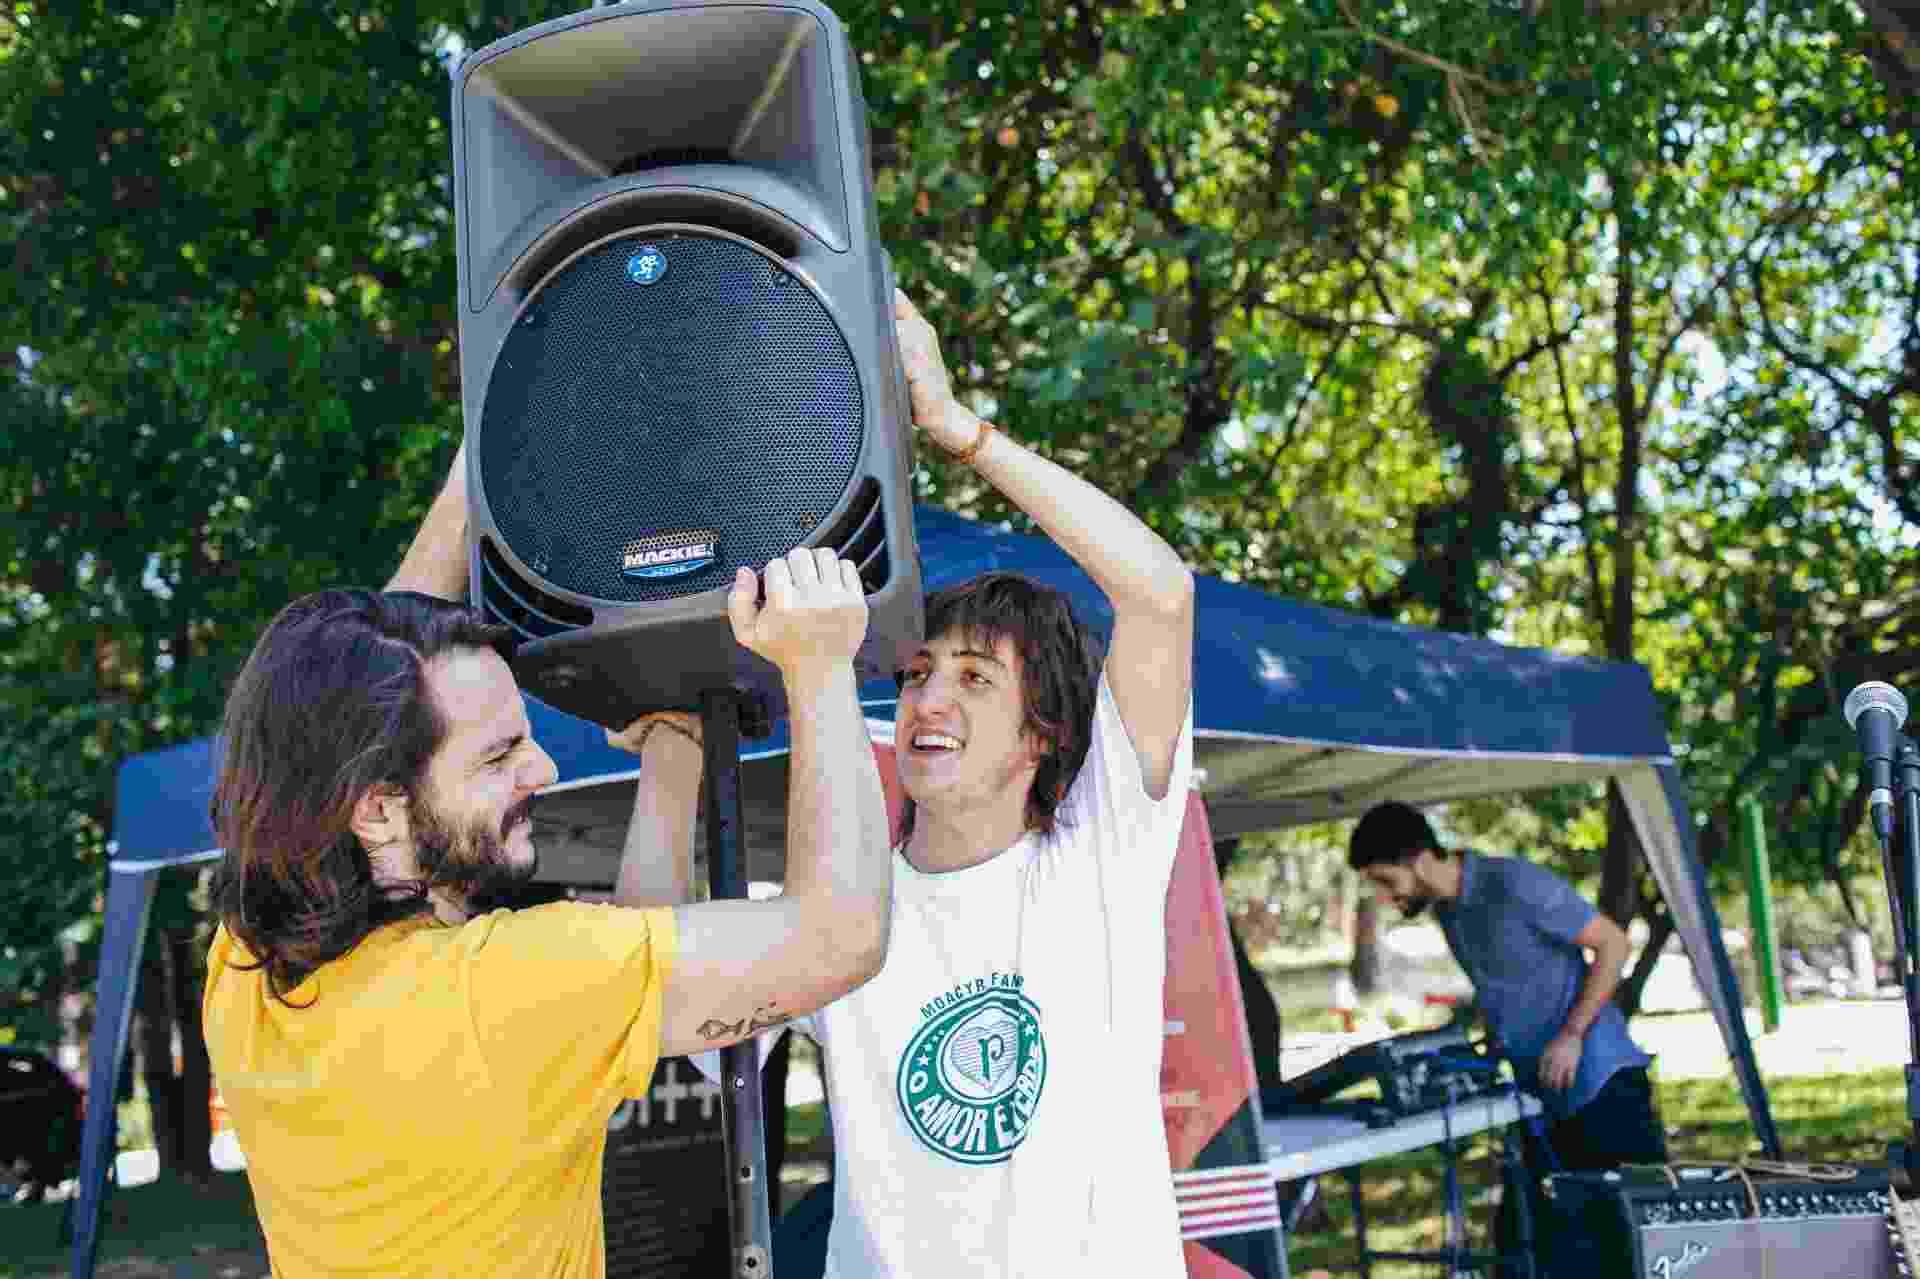 Organizadores do Lolla pra Rua preparam seu festival alternativo em uma praça pertinho do autódromo de Interlagos - Felipe Gabriel/UOL